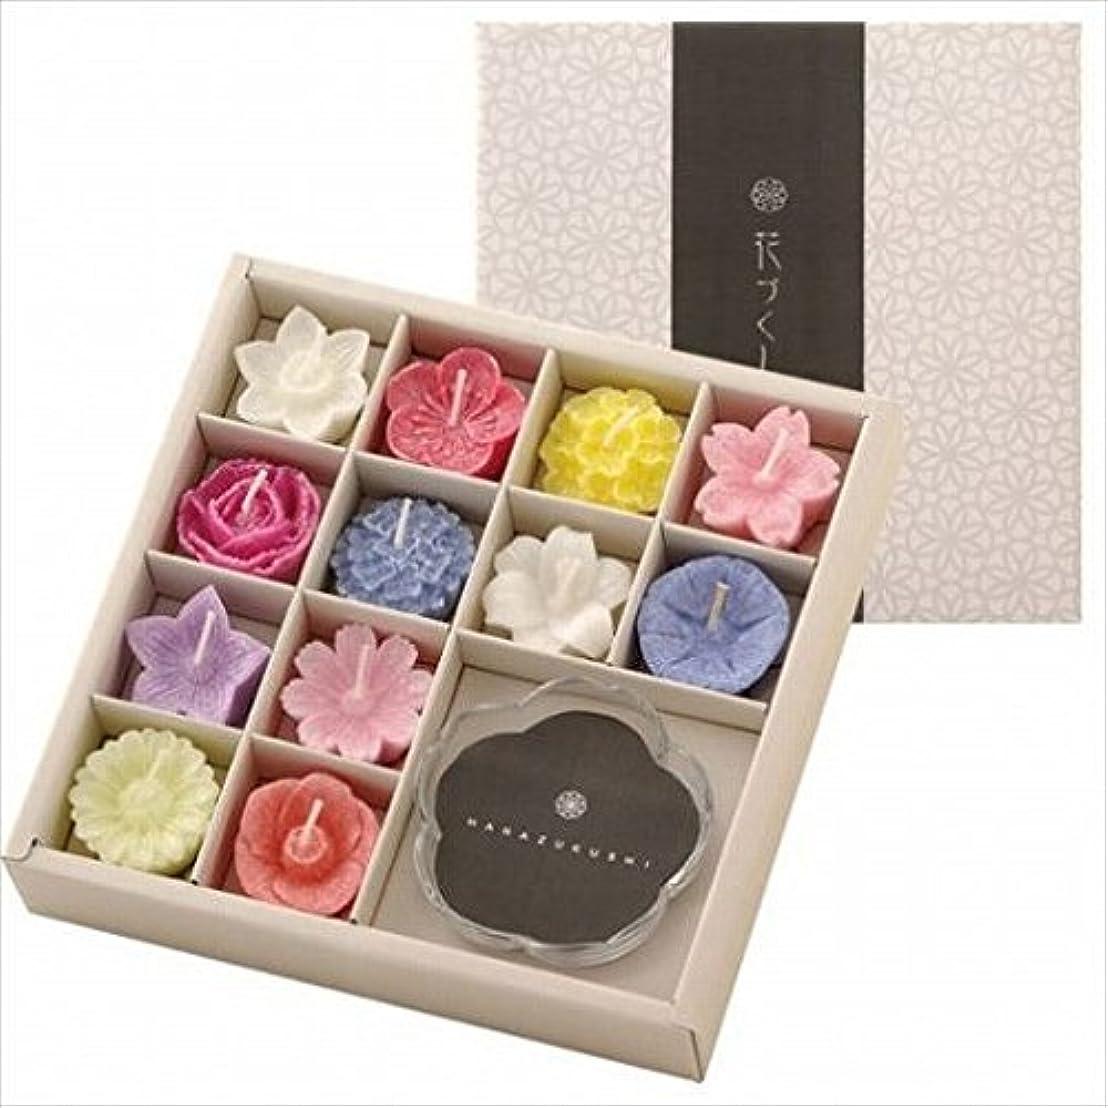 ソロしたがってバンケットkameyama candle(カメヤマキャンドル) 花づくしギフトセット(植物性) キャンドル(96200700)